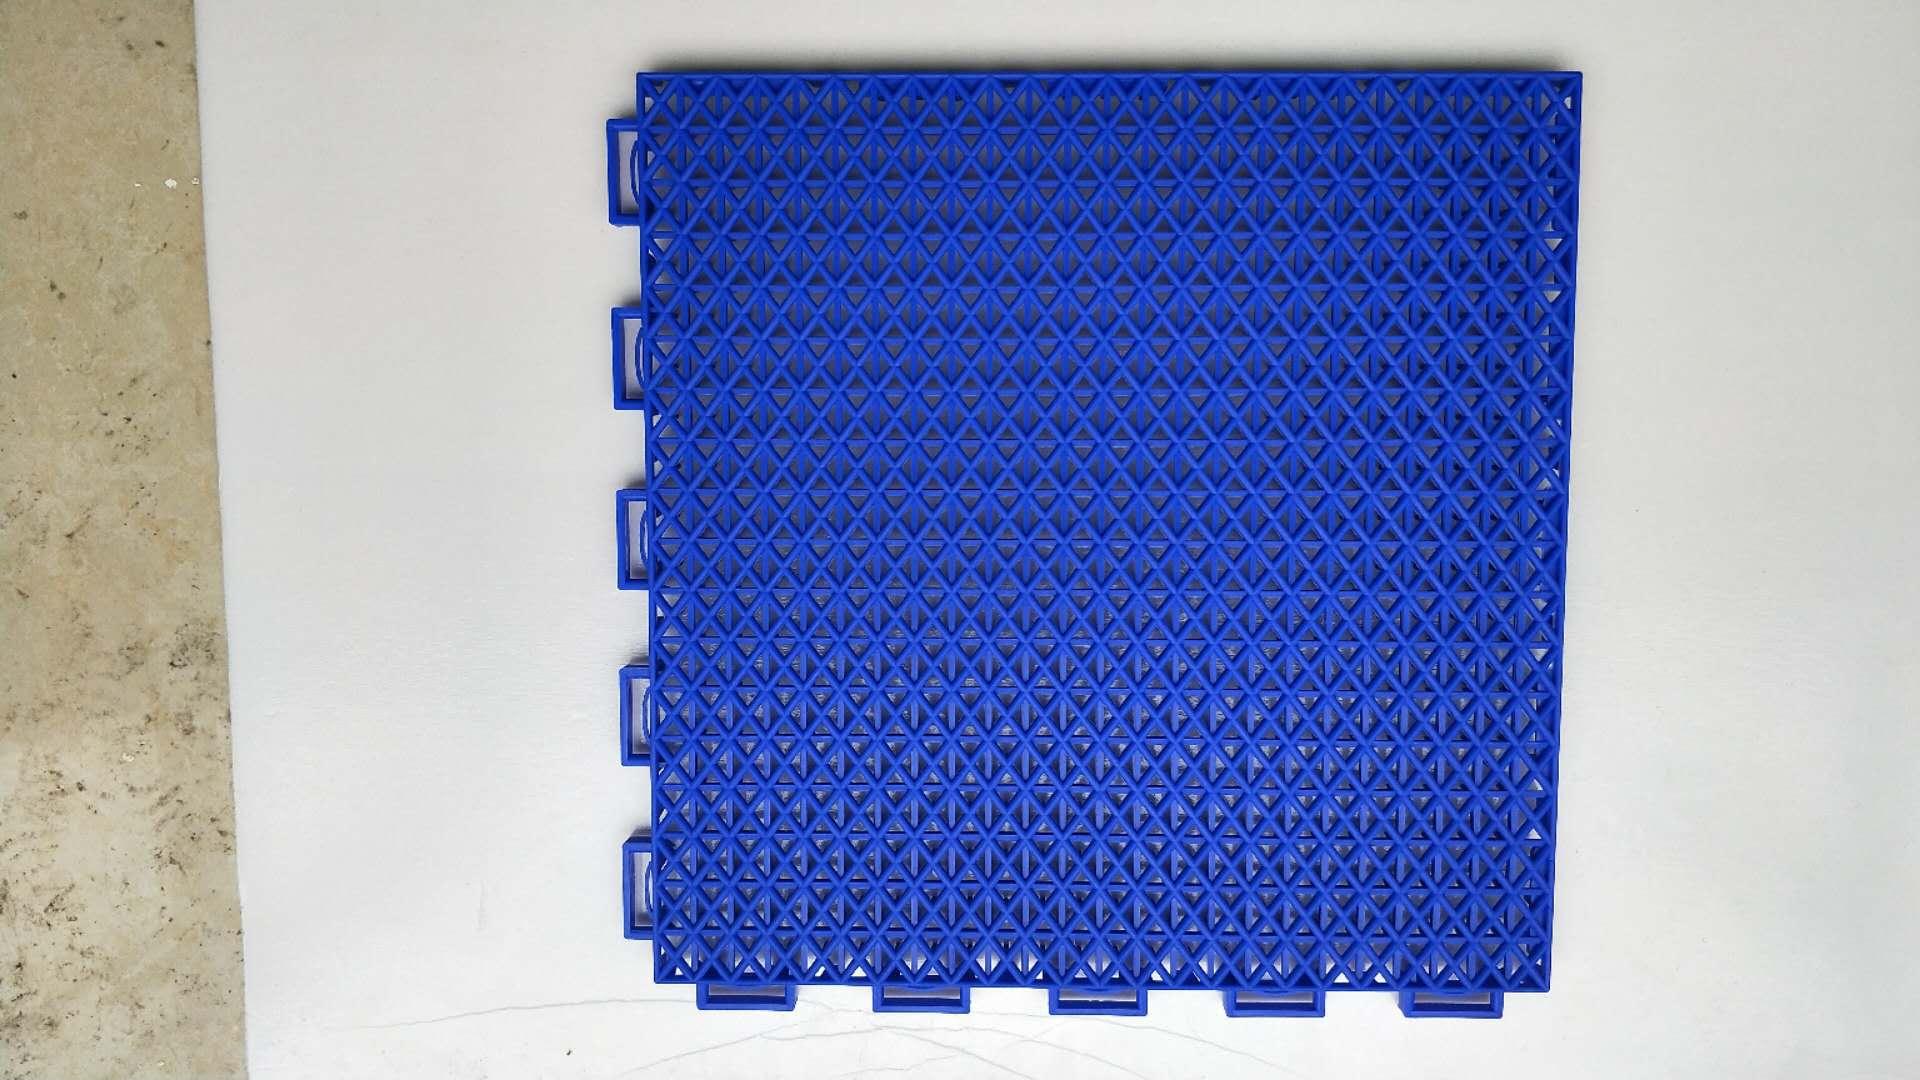 新都区塑料拼装地板批发价格 塑料地板价格 成都亿果体育用品有限公司